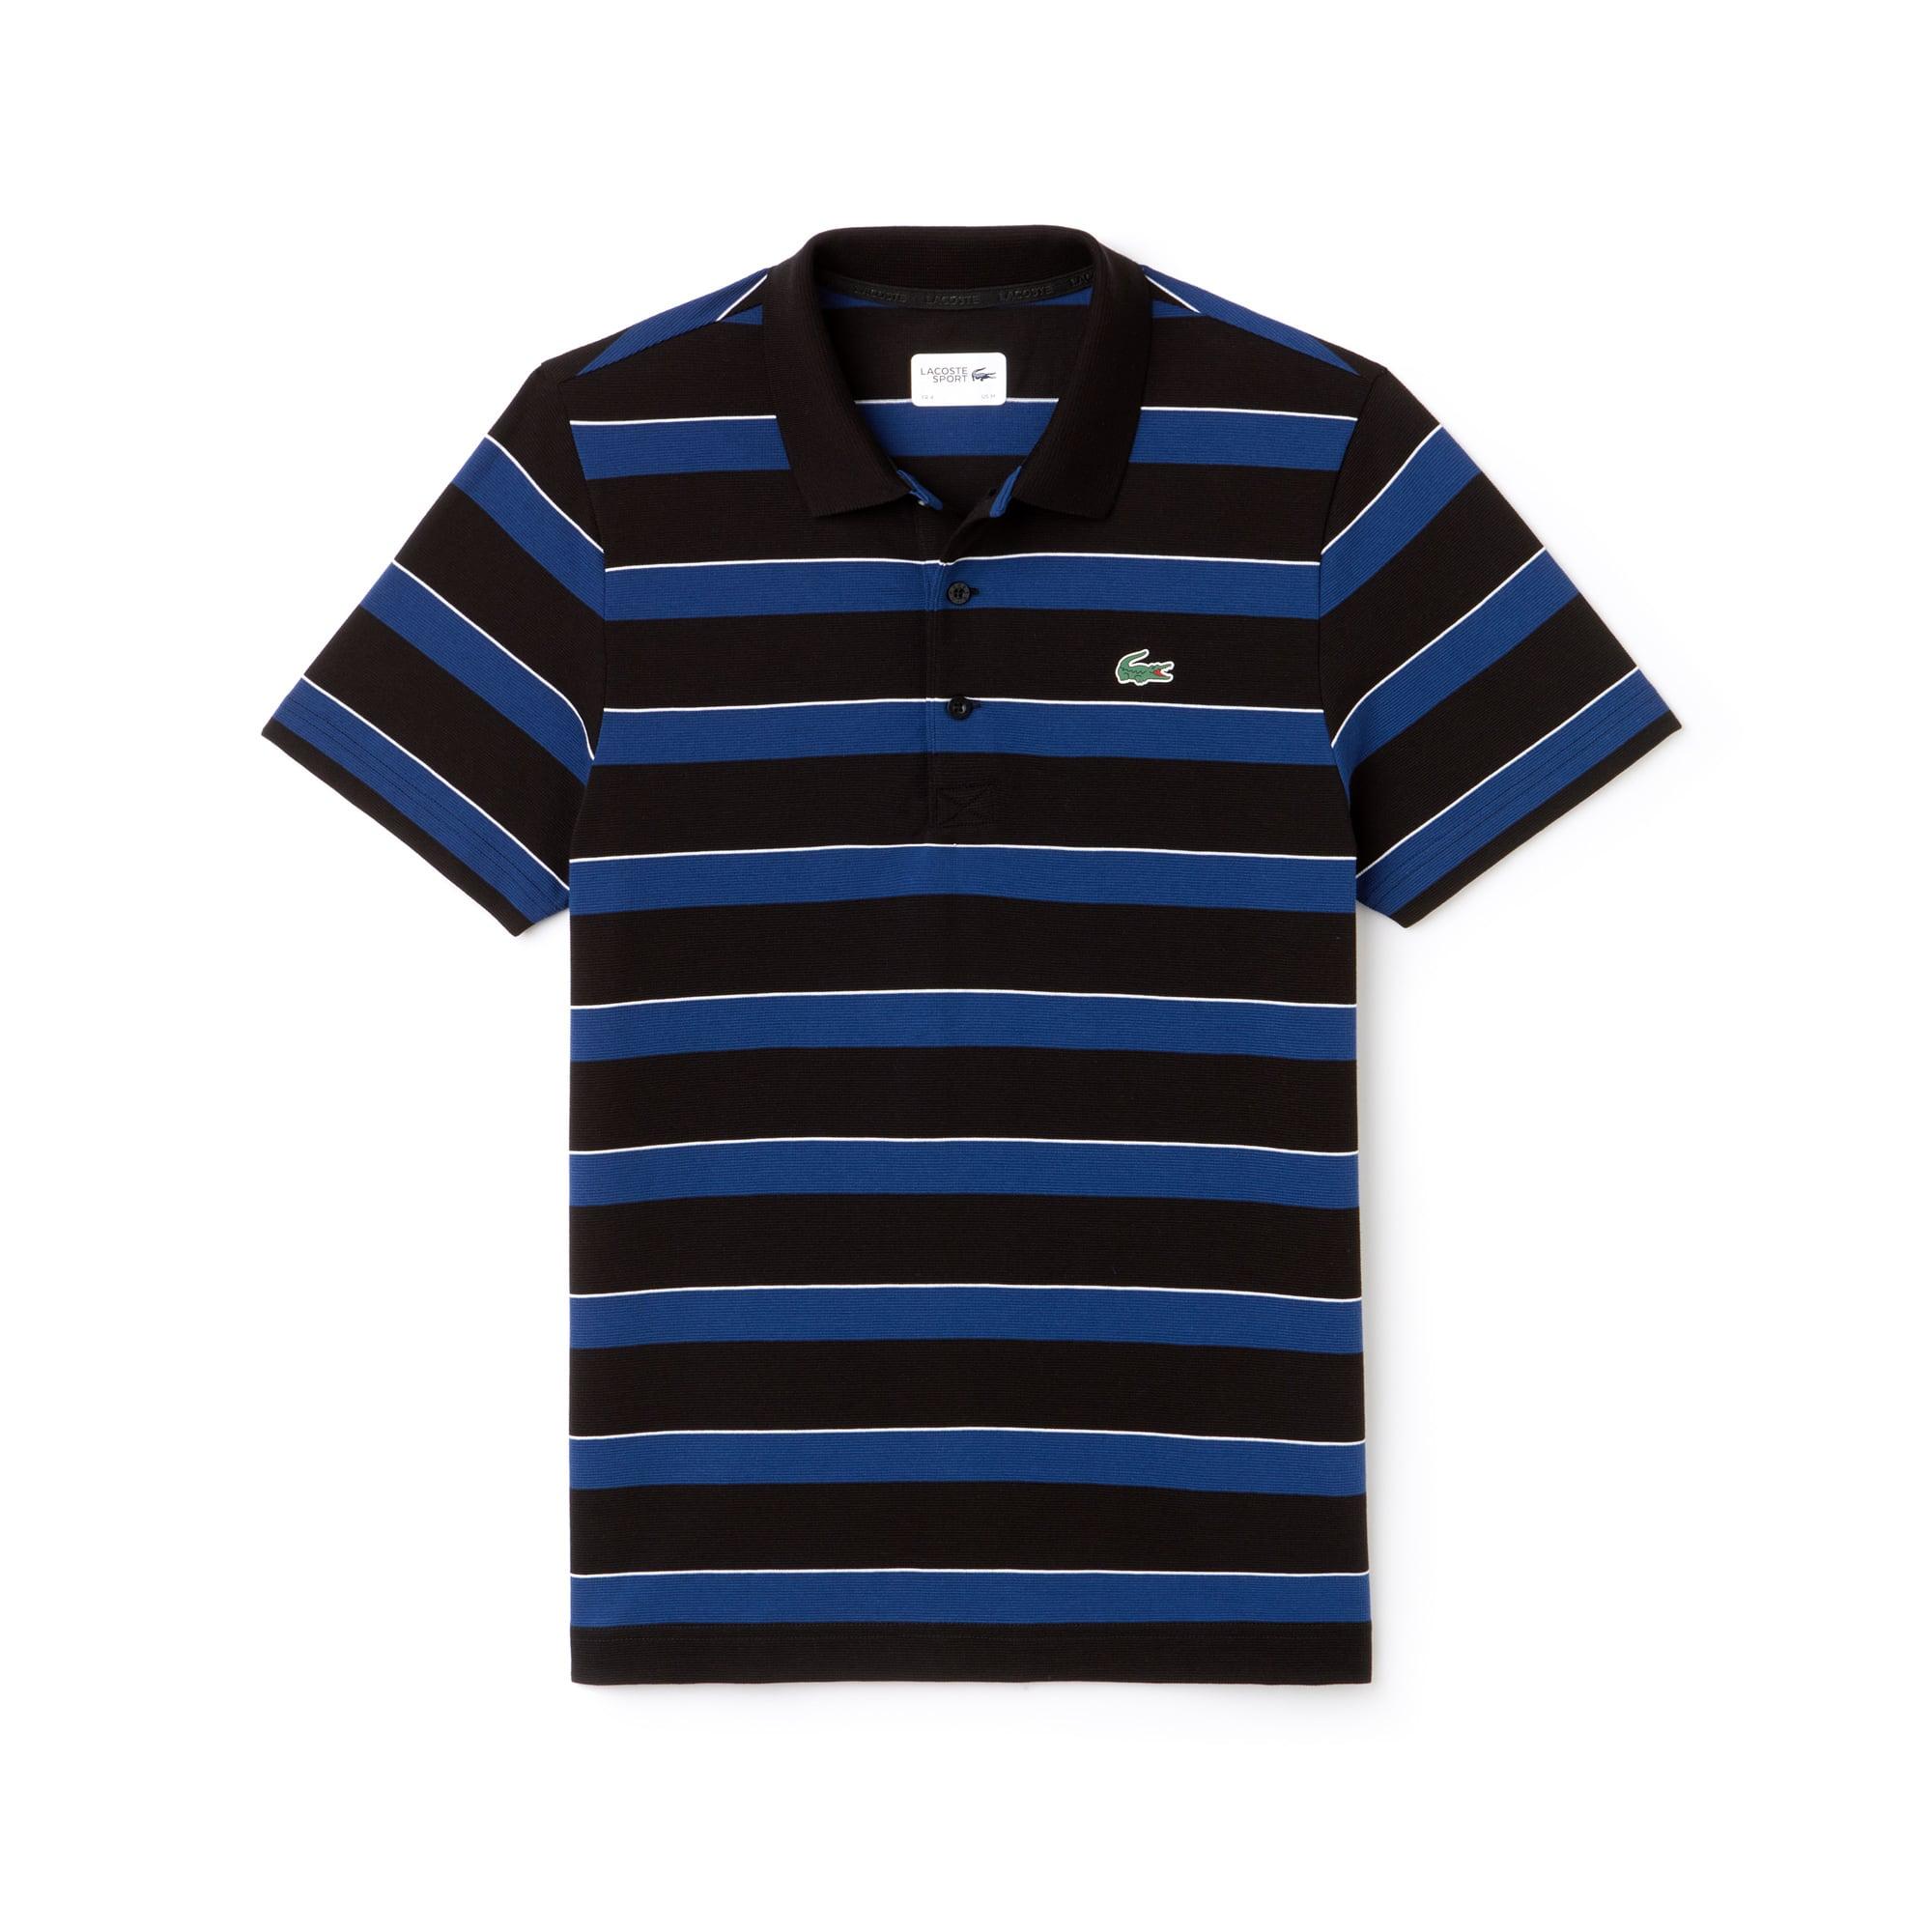 Herren LACOSTE SPORT gestreiftes Tennis-Poloshirt aus ultraleichter Baumwolle